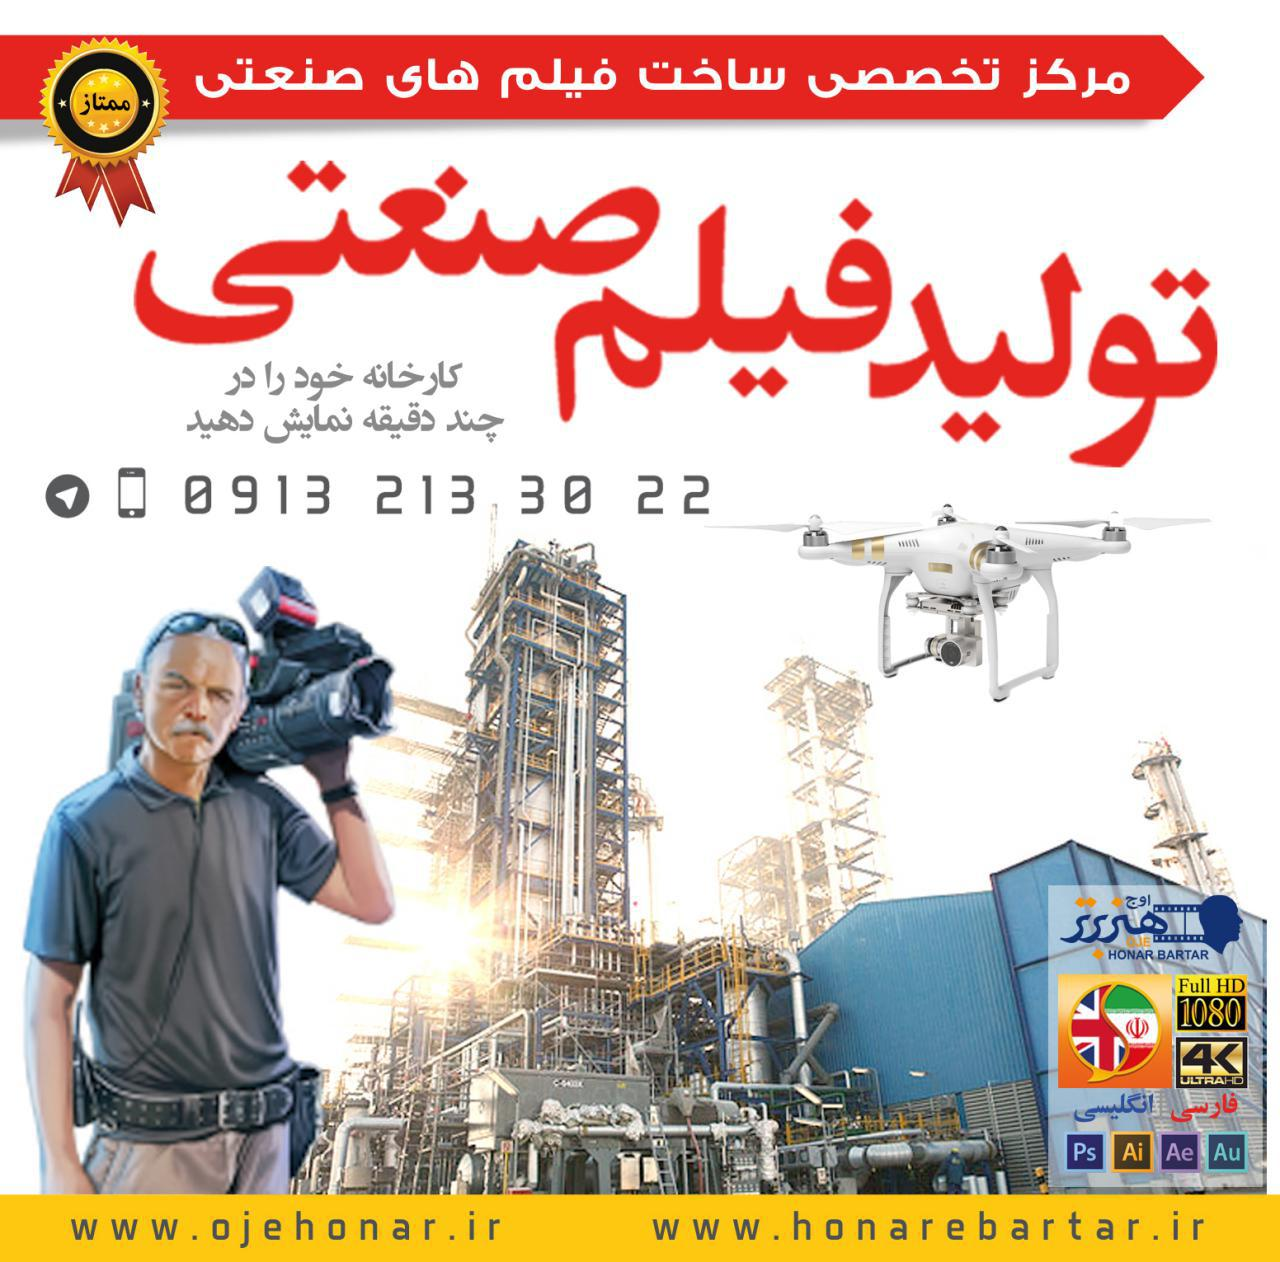 تولید فیلم صنعتی در اصفهان